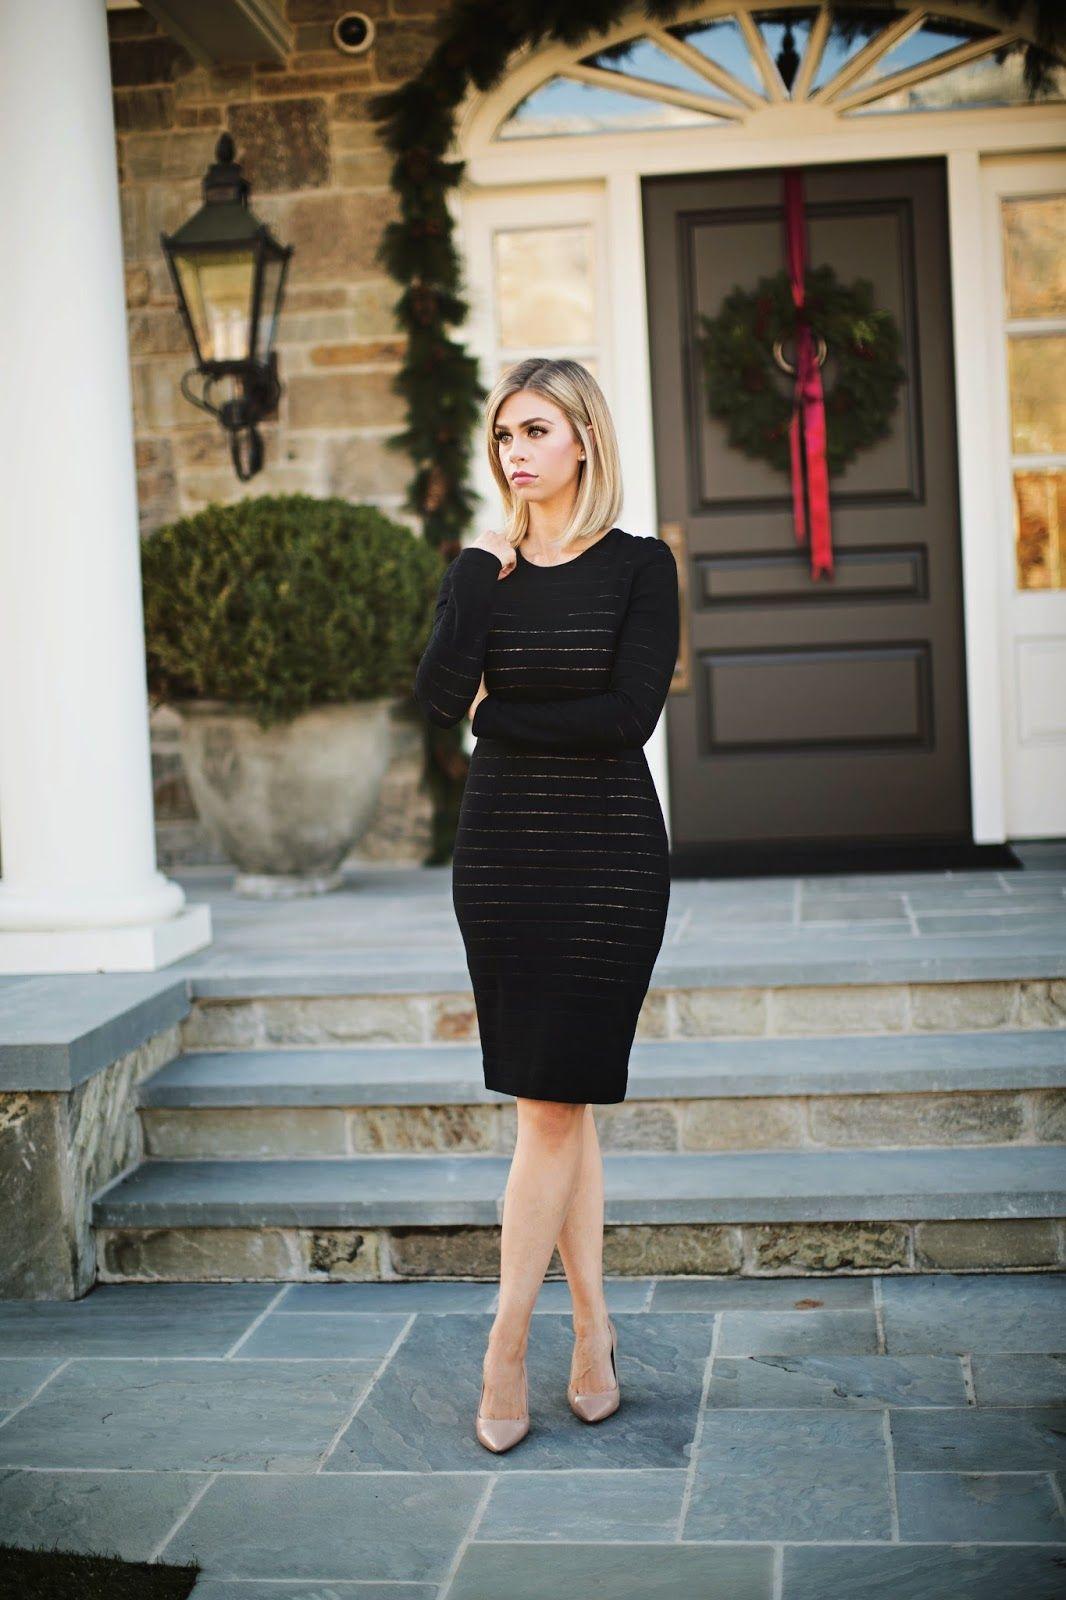 Kensington Way Outfit The Little Black Dress Fashion Little Black Dress Cute Work Outfits [ 1600 x 1066 Pixel ]